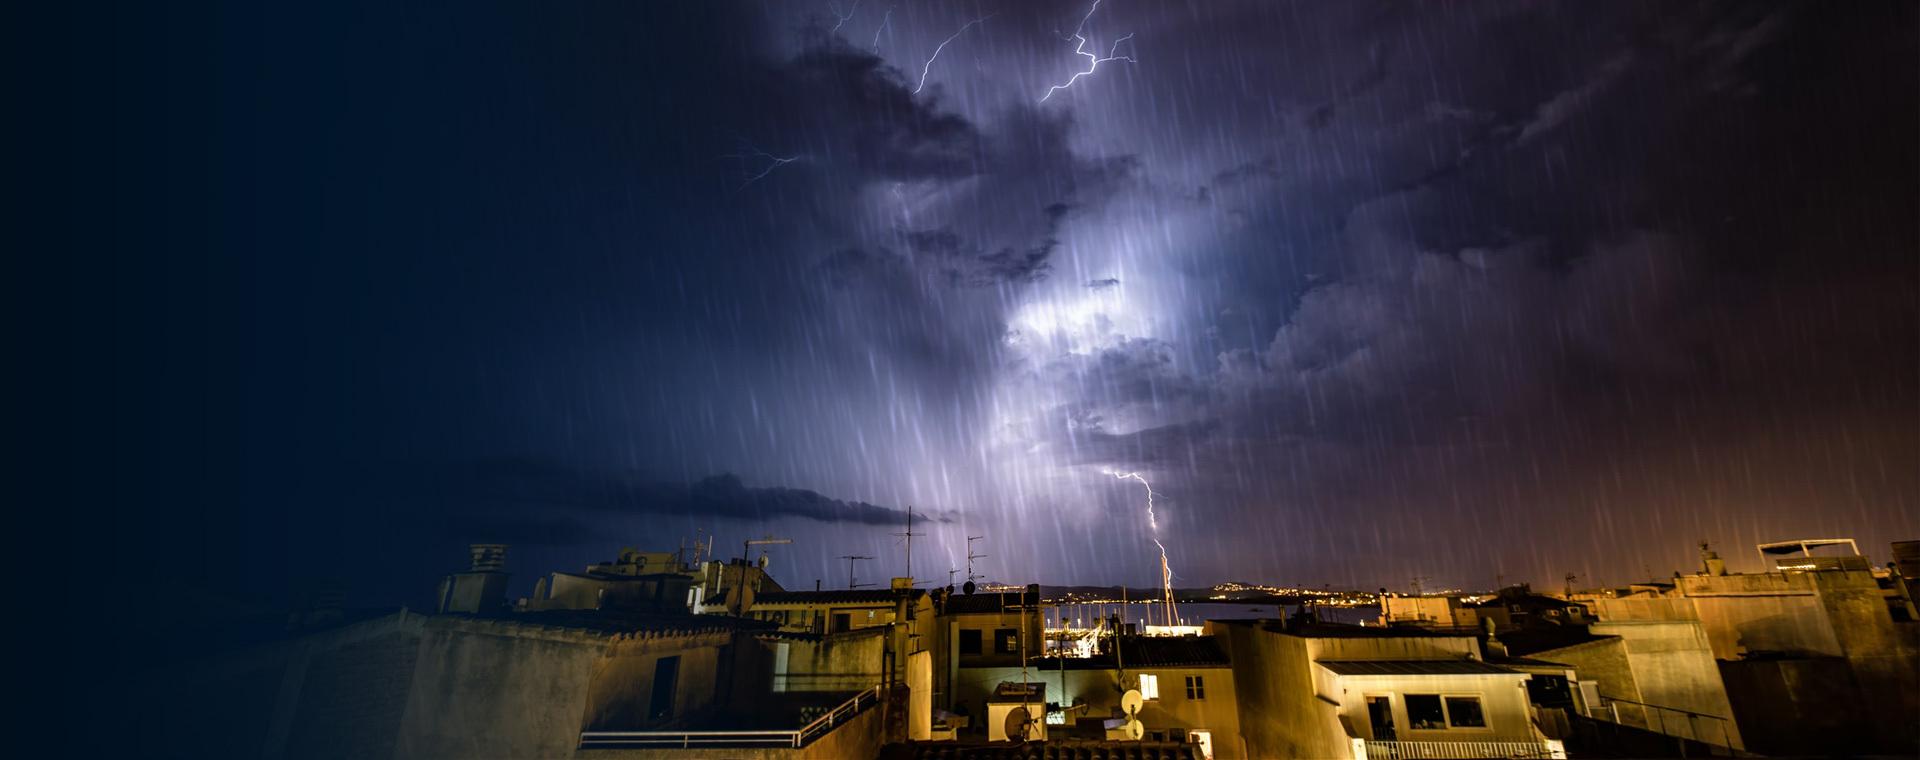 Πλημμύρες και προβλήματα σε όλη τη χώρα - Επελαύνει για 3η νύχτα η κακοκαιρία - Πού θα «χτυπήσει» το Σάββατο